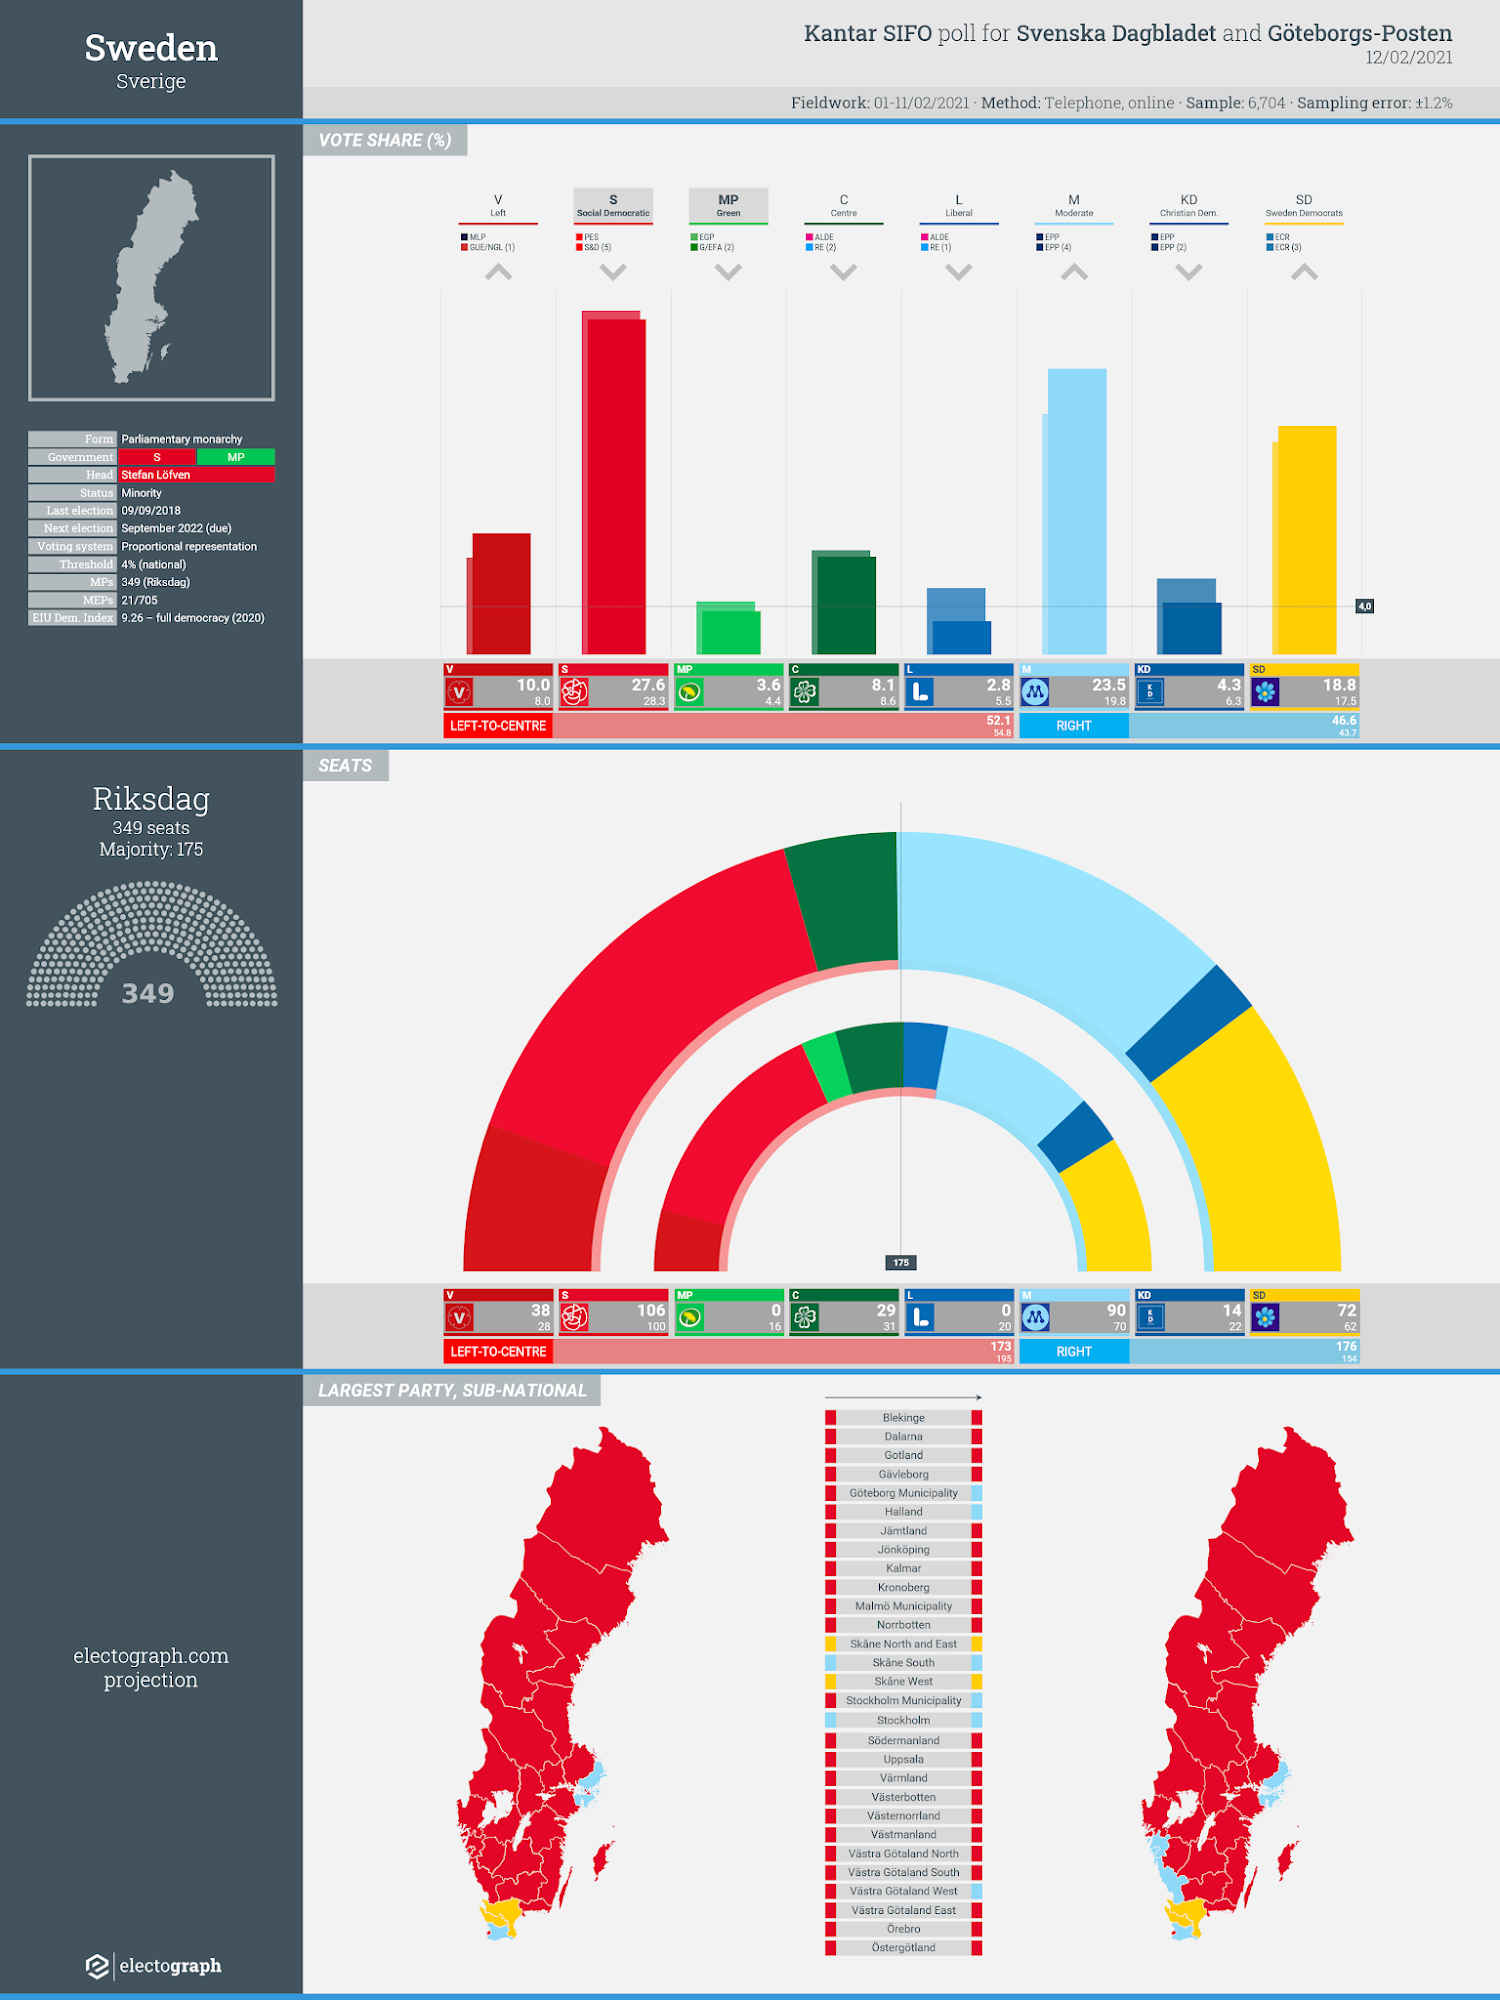 SWEDEN: Kantar SIFO poll chart for Svenska Dagbladet and Göteborgs-Posten, 12 February 2021